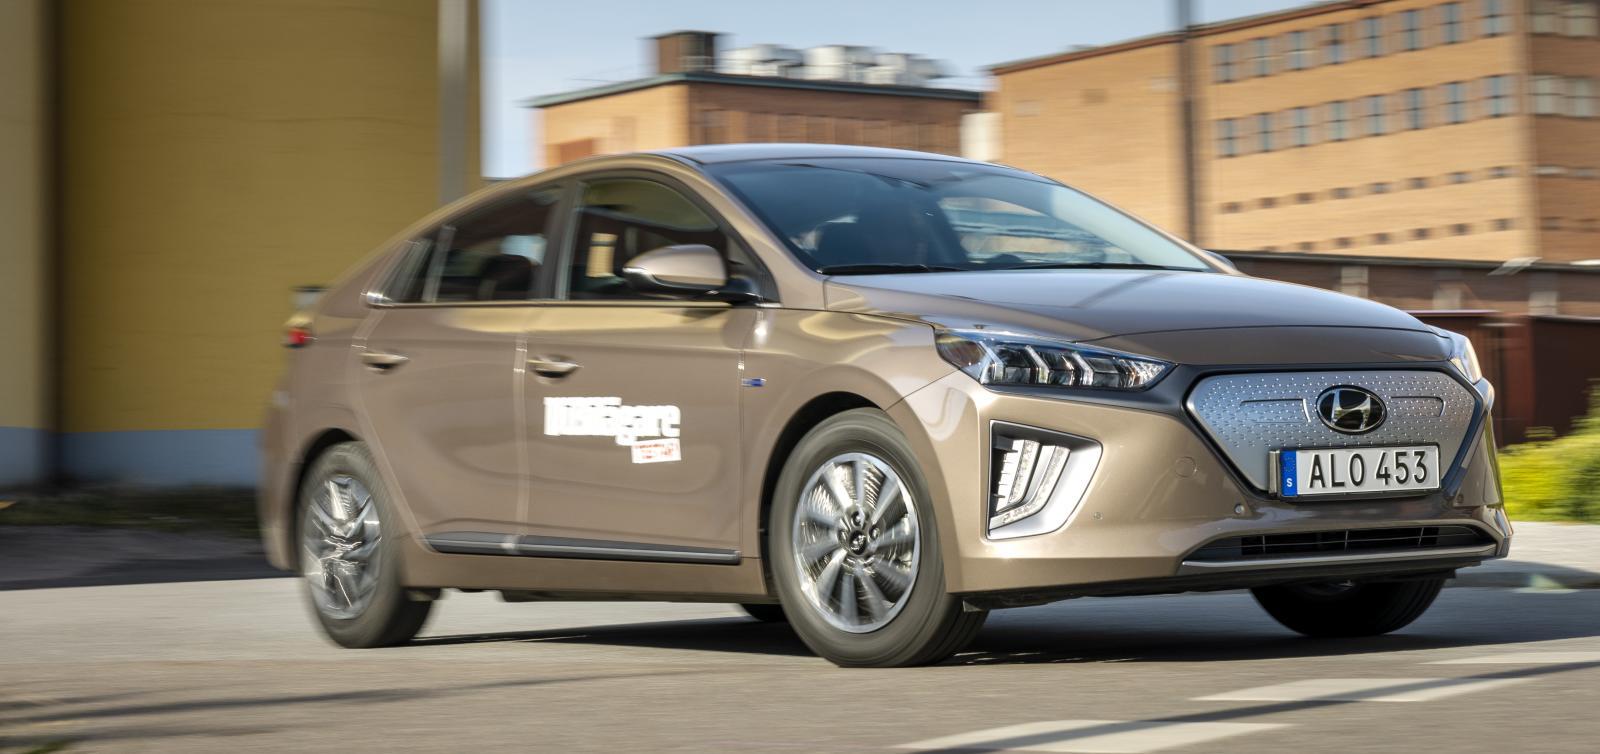 Hyundai Ioniq låg länge i topp när det gäller effektivitet. Nu är den omkörd, men levererar ändå imponerande låg förbrukning.